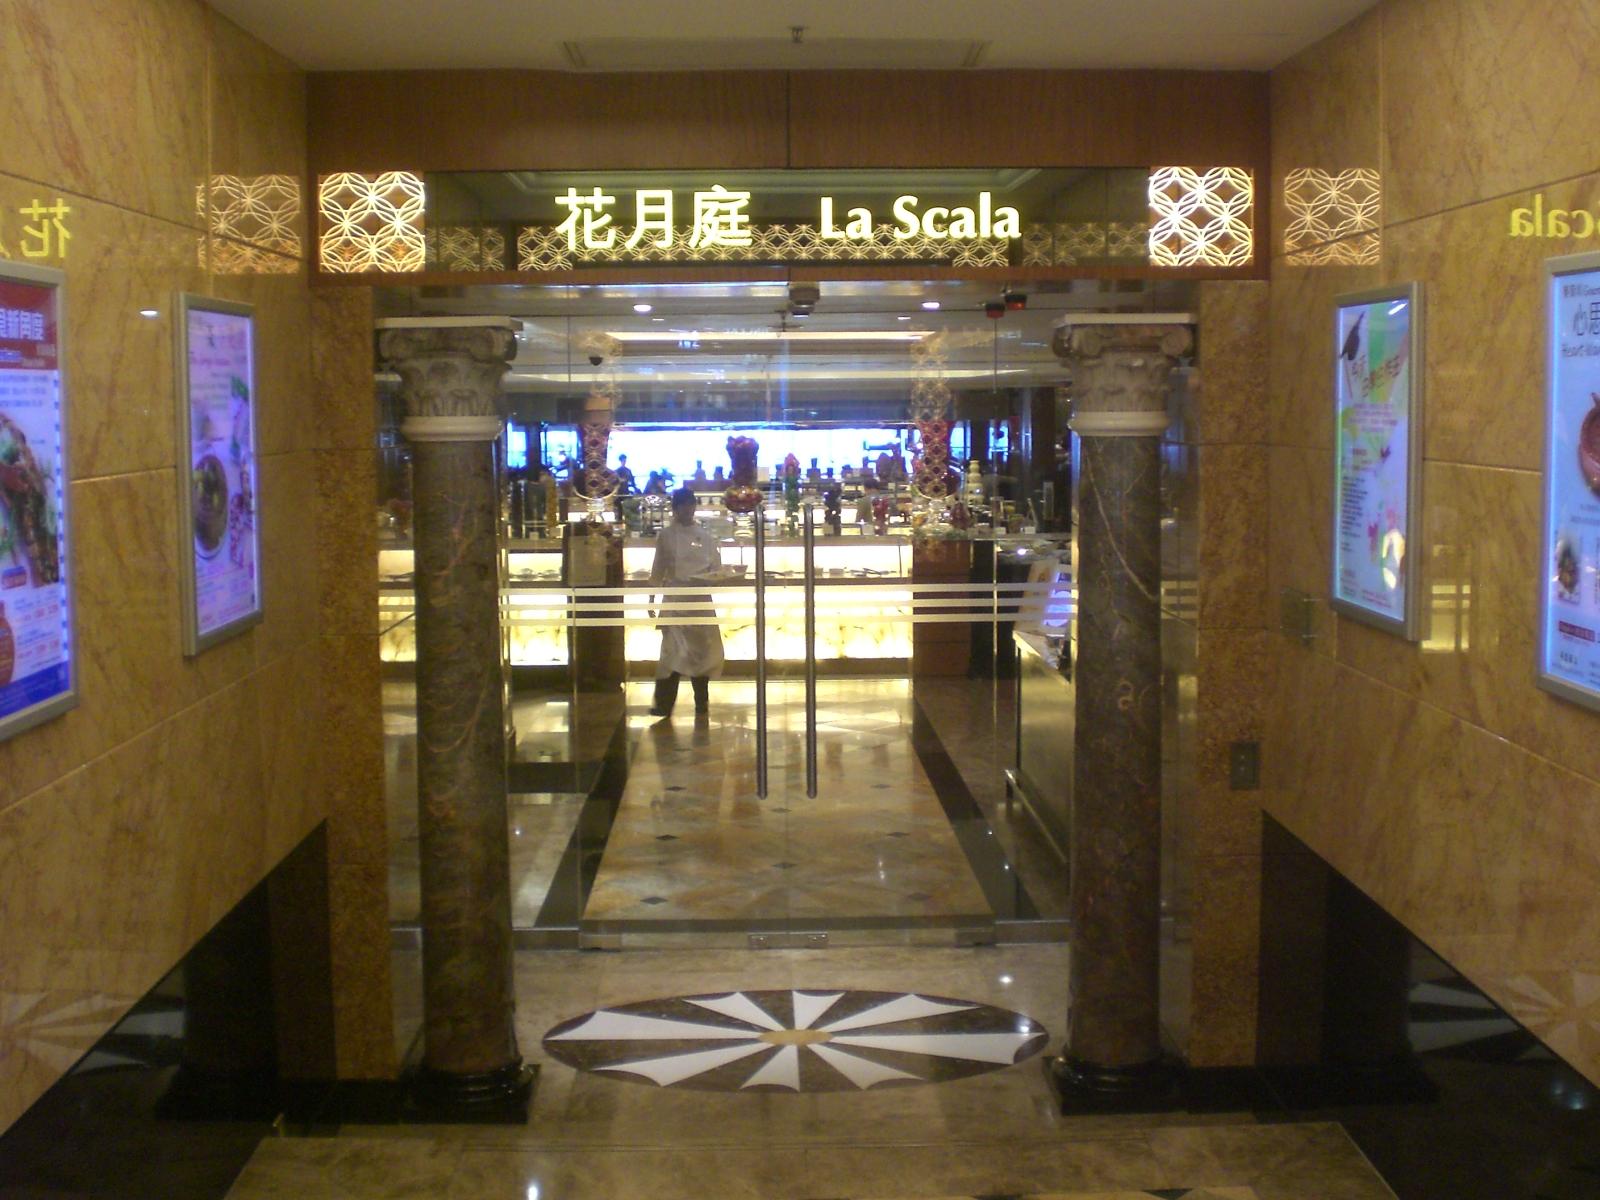 Royal Plaza Hotel Official Site – Hong Kong 5 Star Hotel